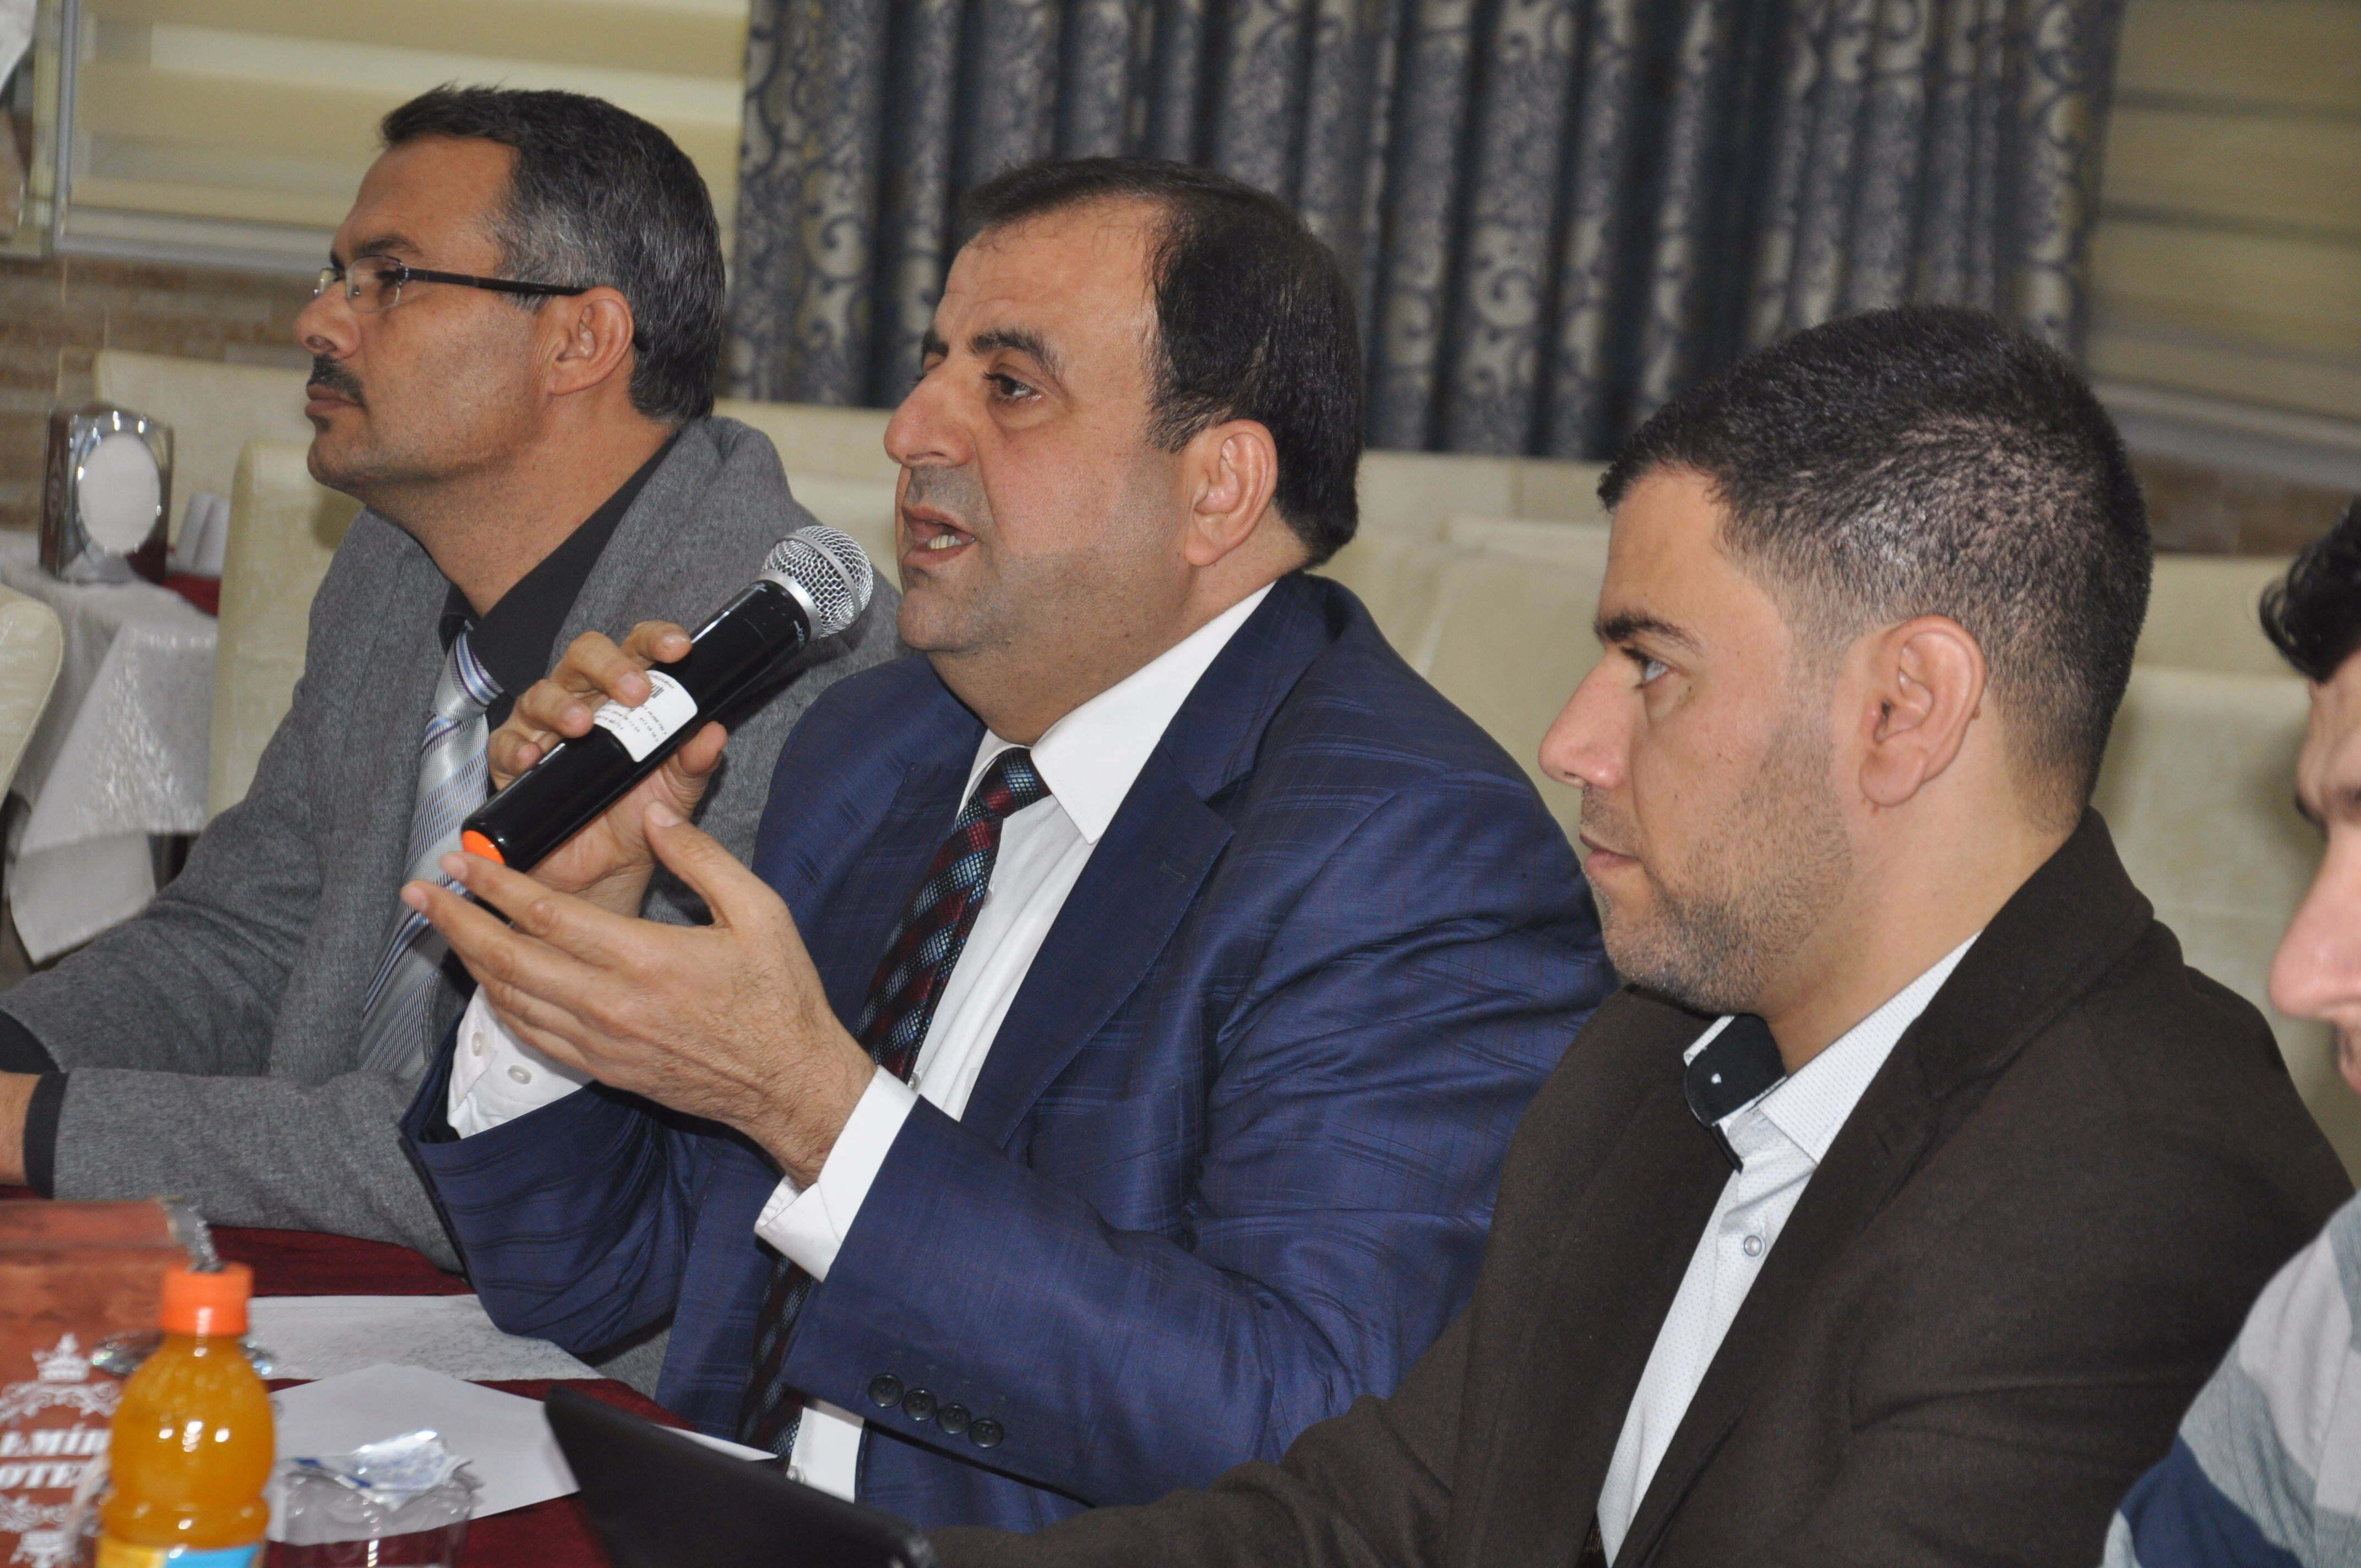 Suriyeli spor kulüpleri tek çatı altında toplandı